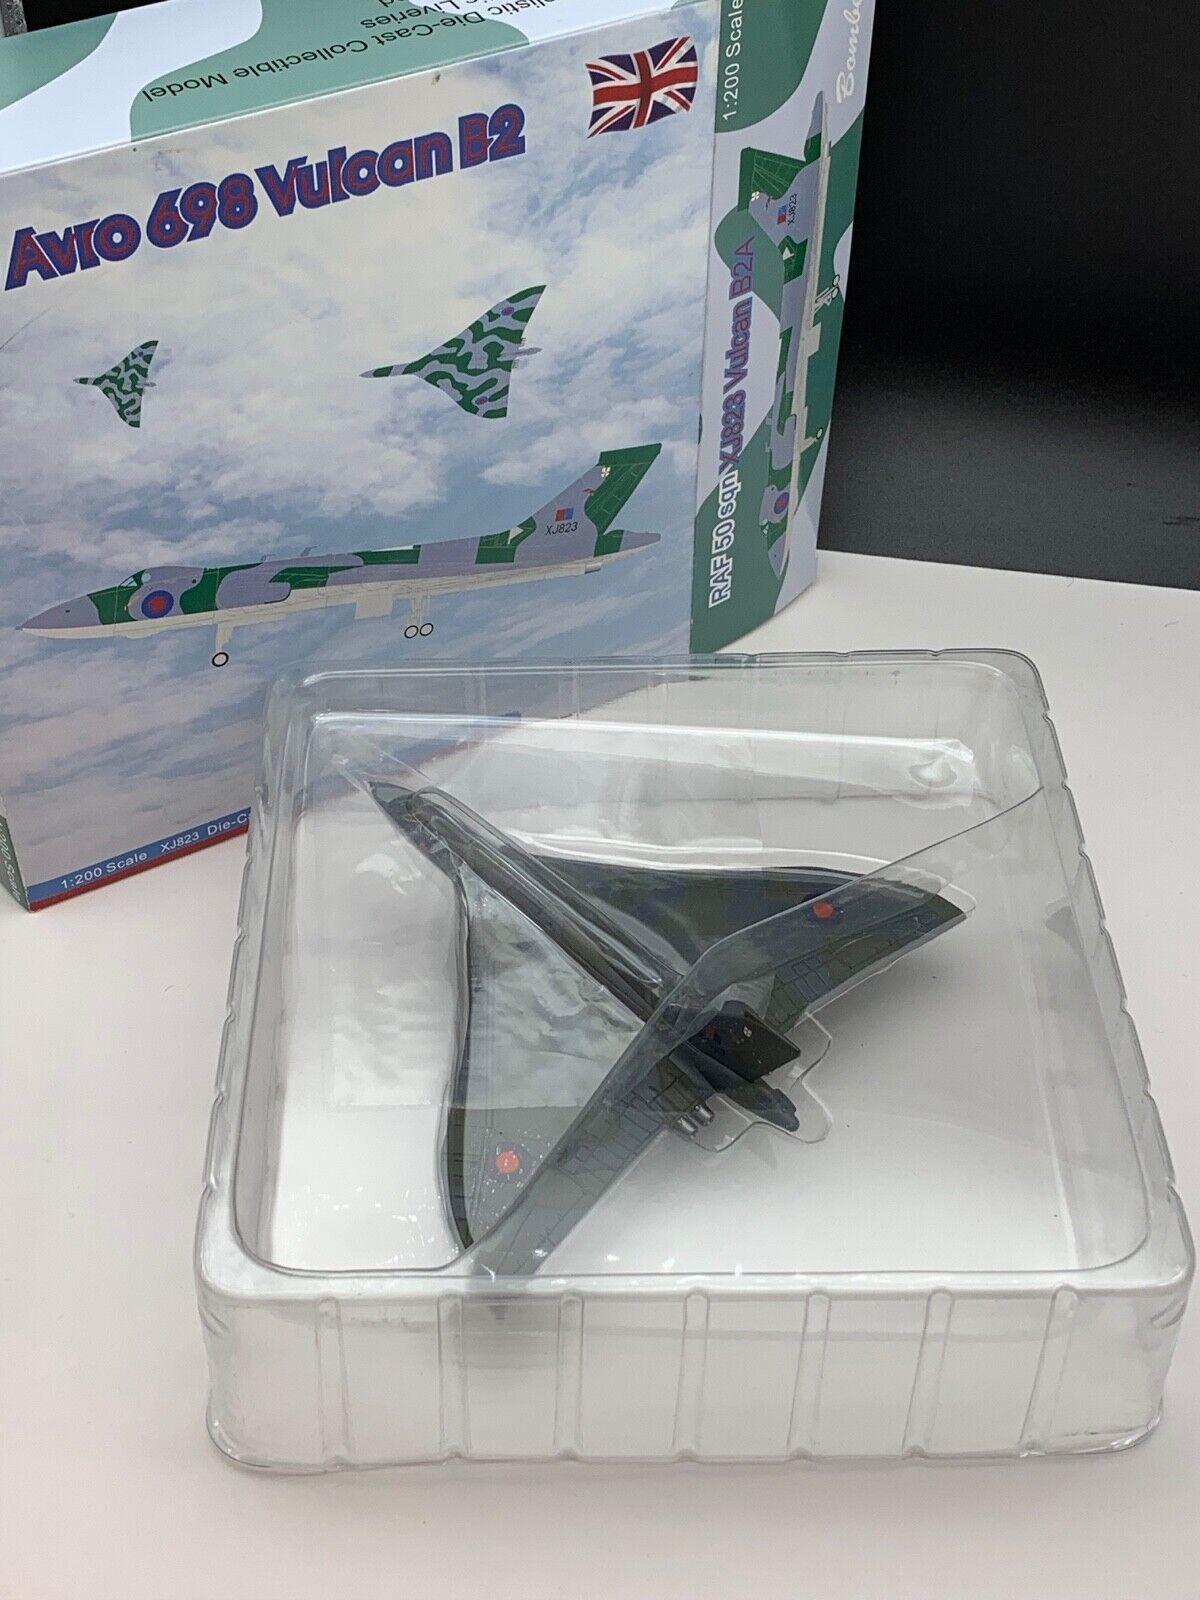 Modelos en miniatura avión 1 200. nunca deshacer las maletas. top